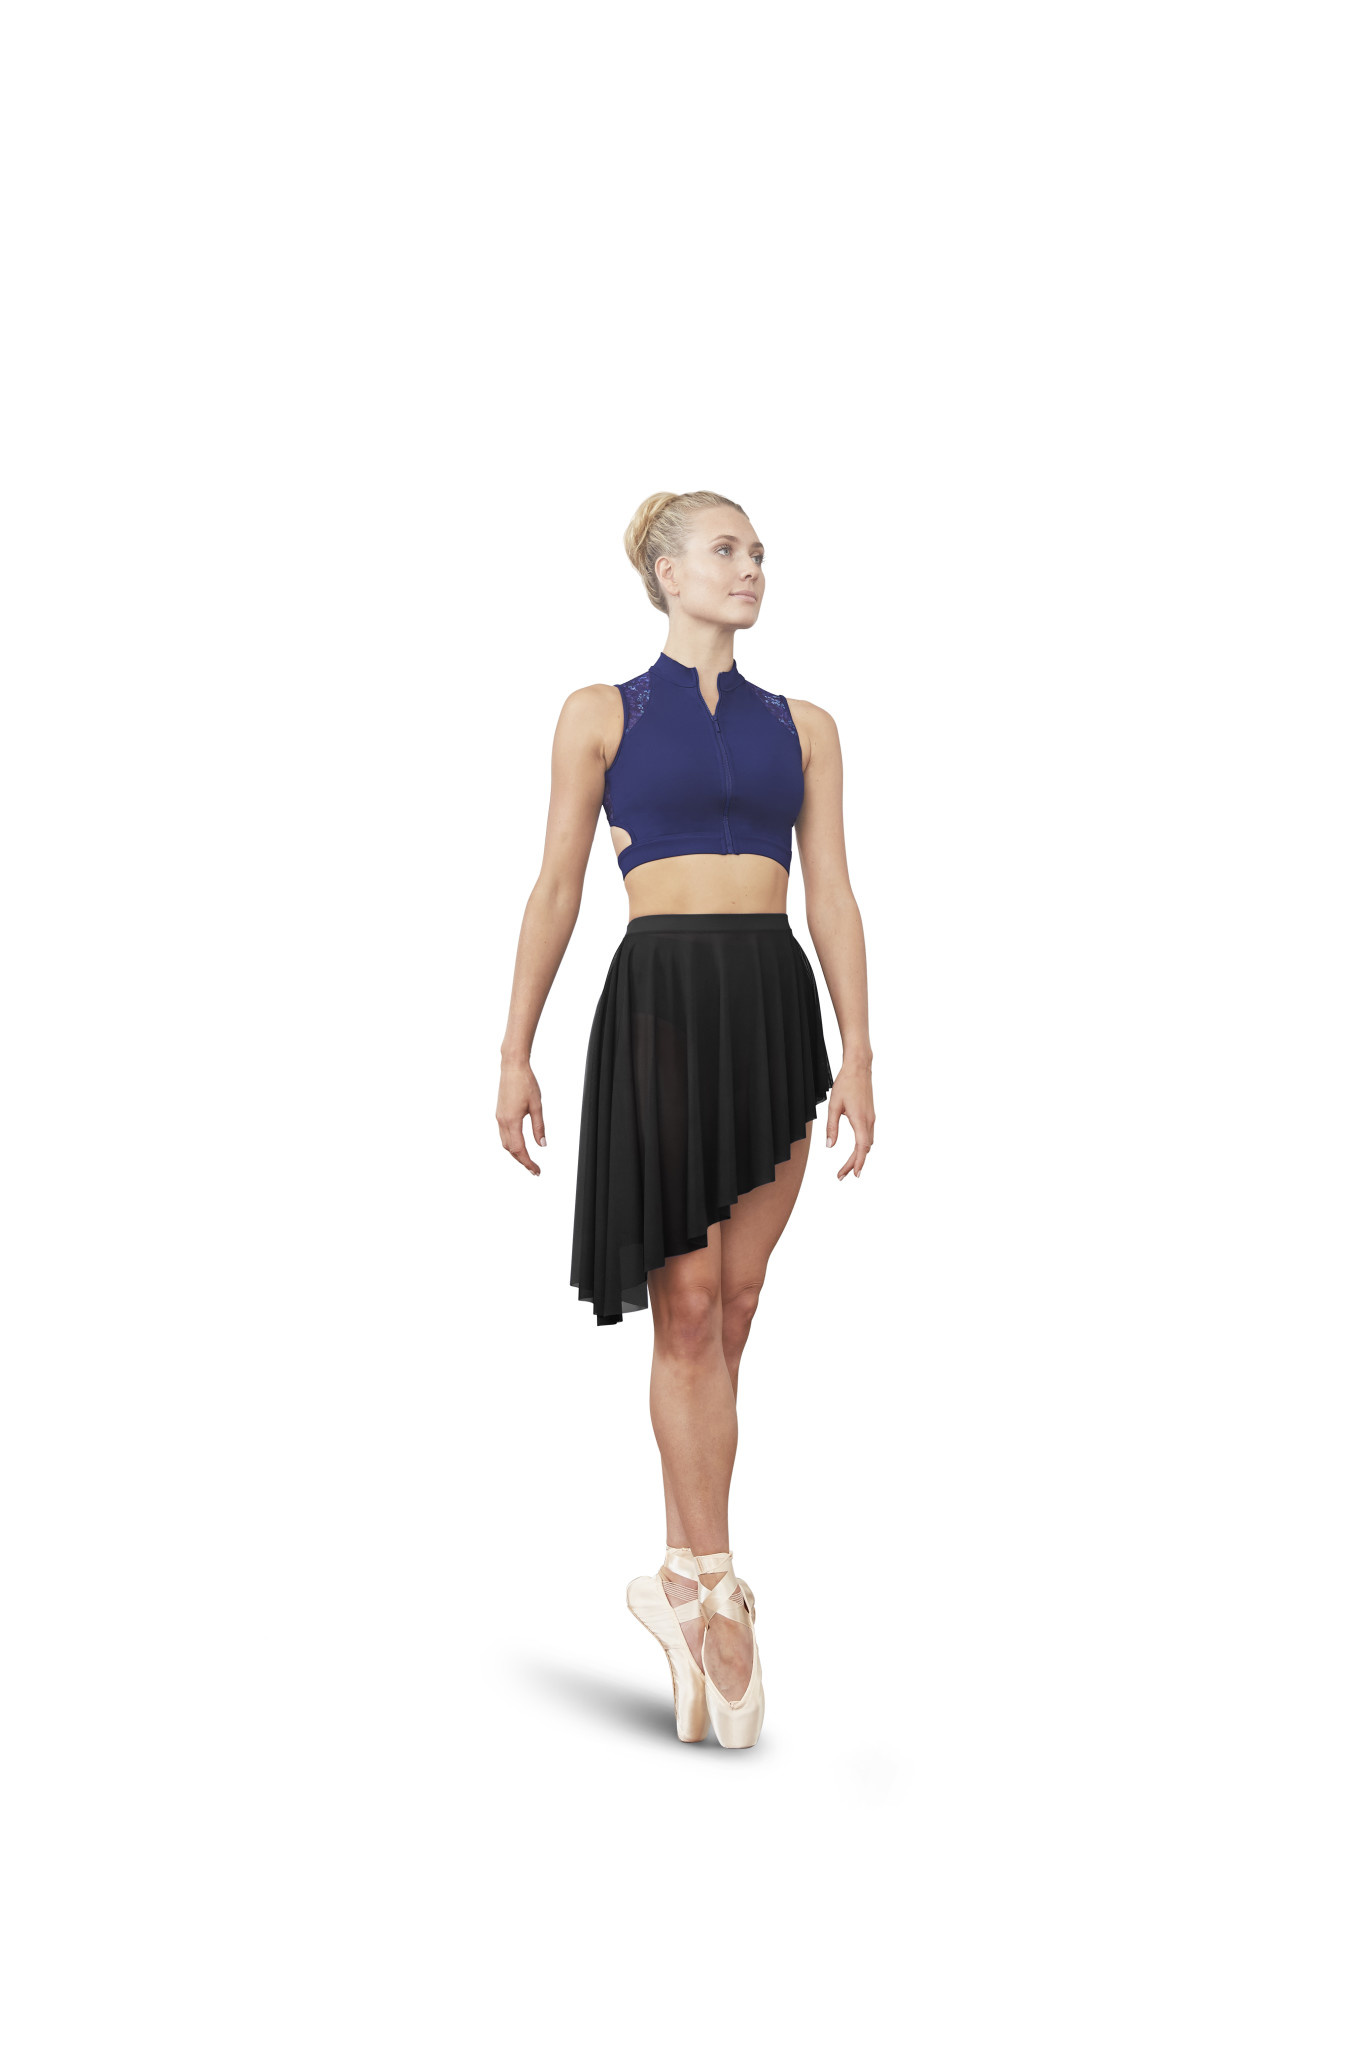 Bloch Jupe asymétrique - Bloch - R9841 - Taniya